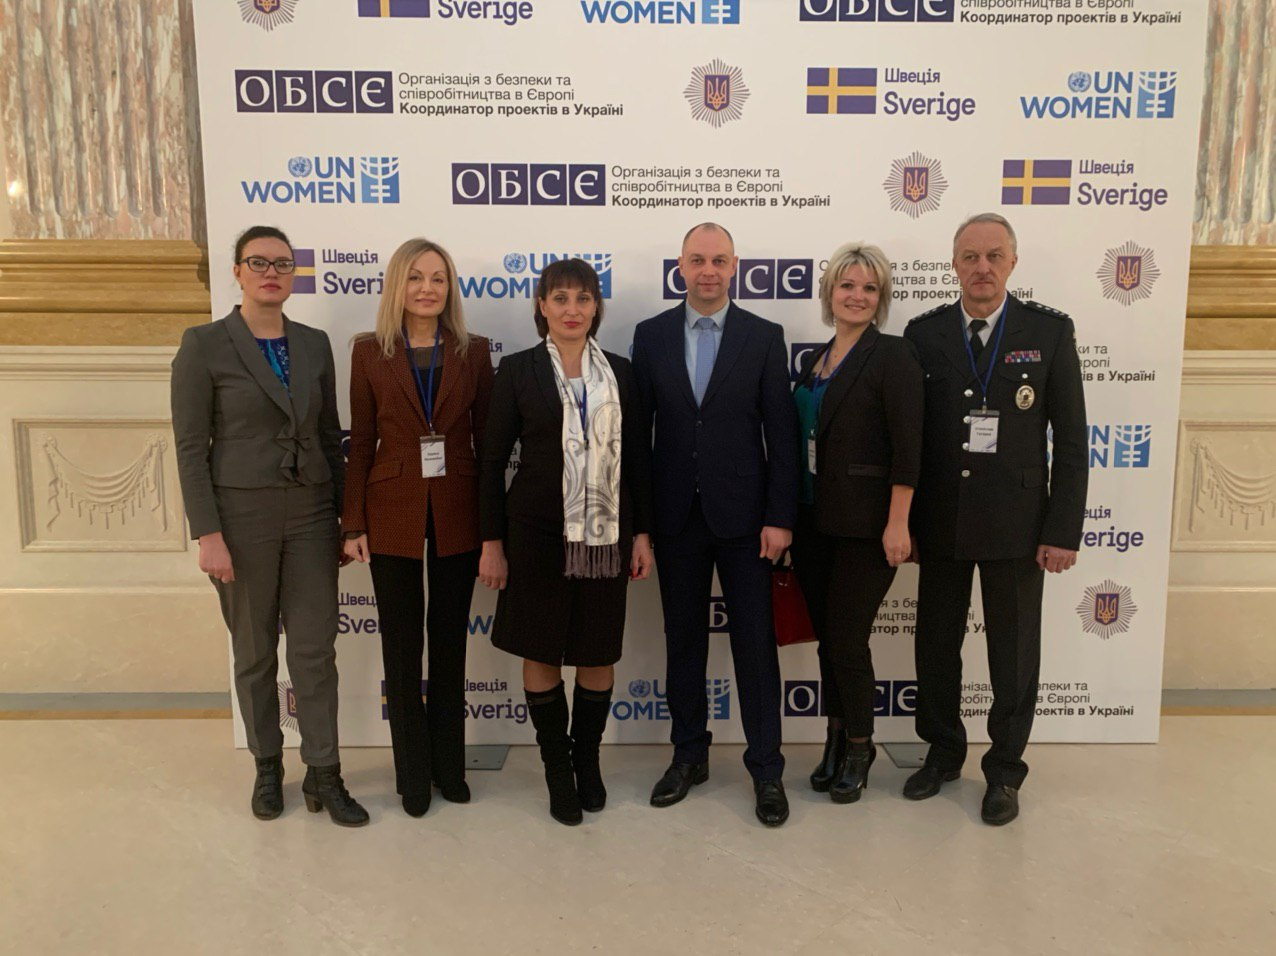 Гендерна політика в системі органів МВС: досягнення та перспективи